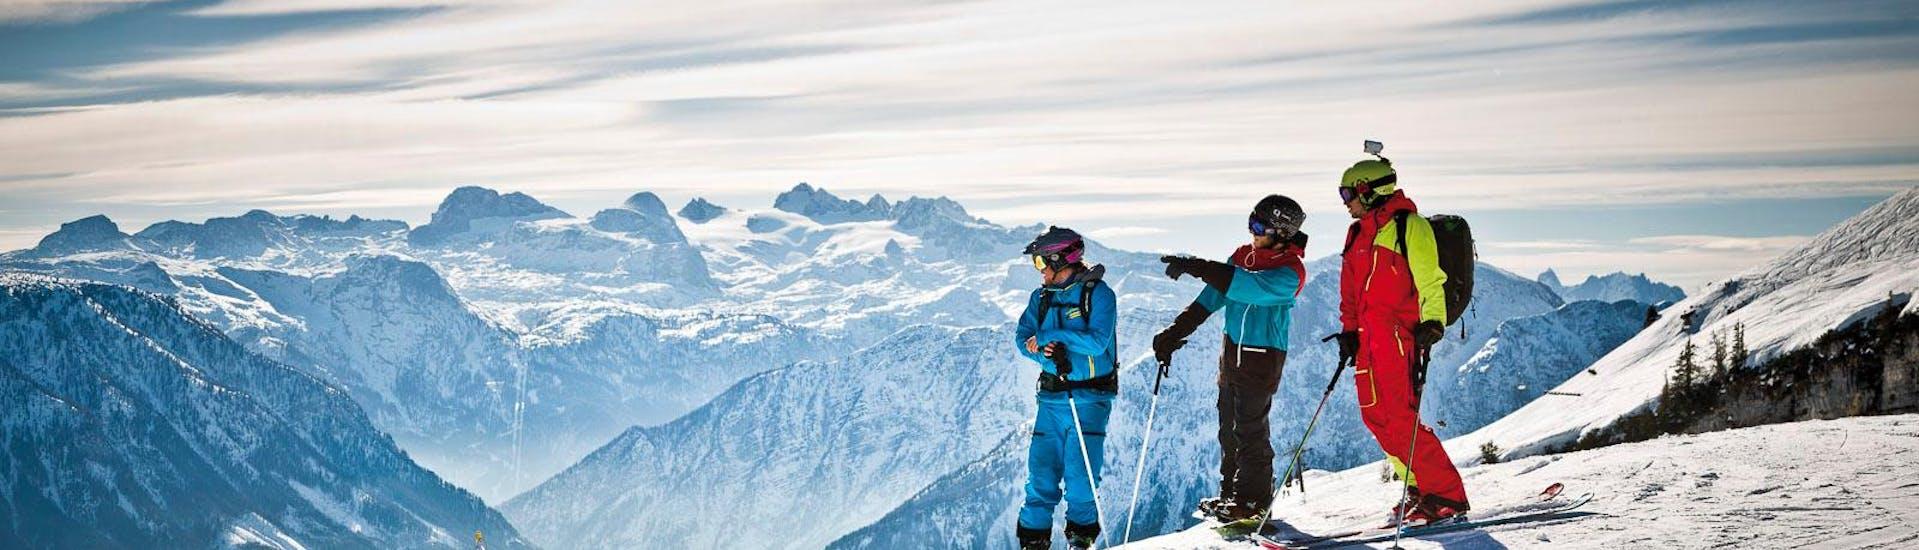 Cours particulier de ski Adultes pour Tous niveaux avec Ski- und Snowboardschule SNOW & MOUNTAIN SPORTS Loitzl - Hero image